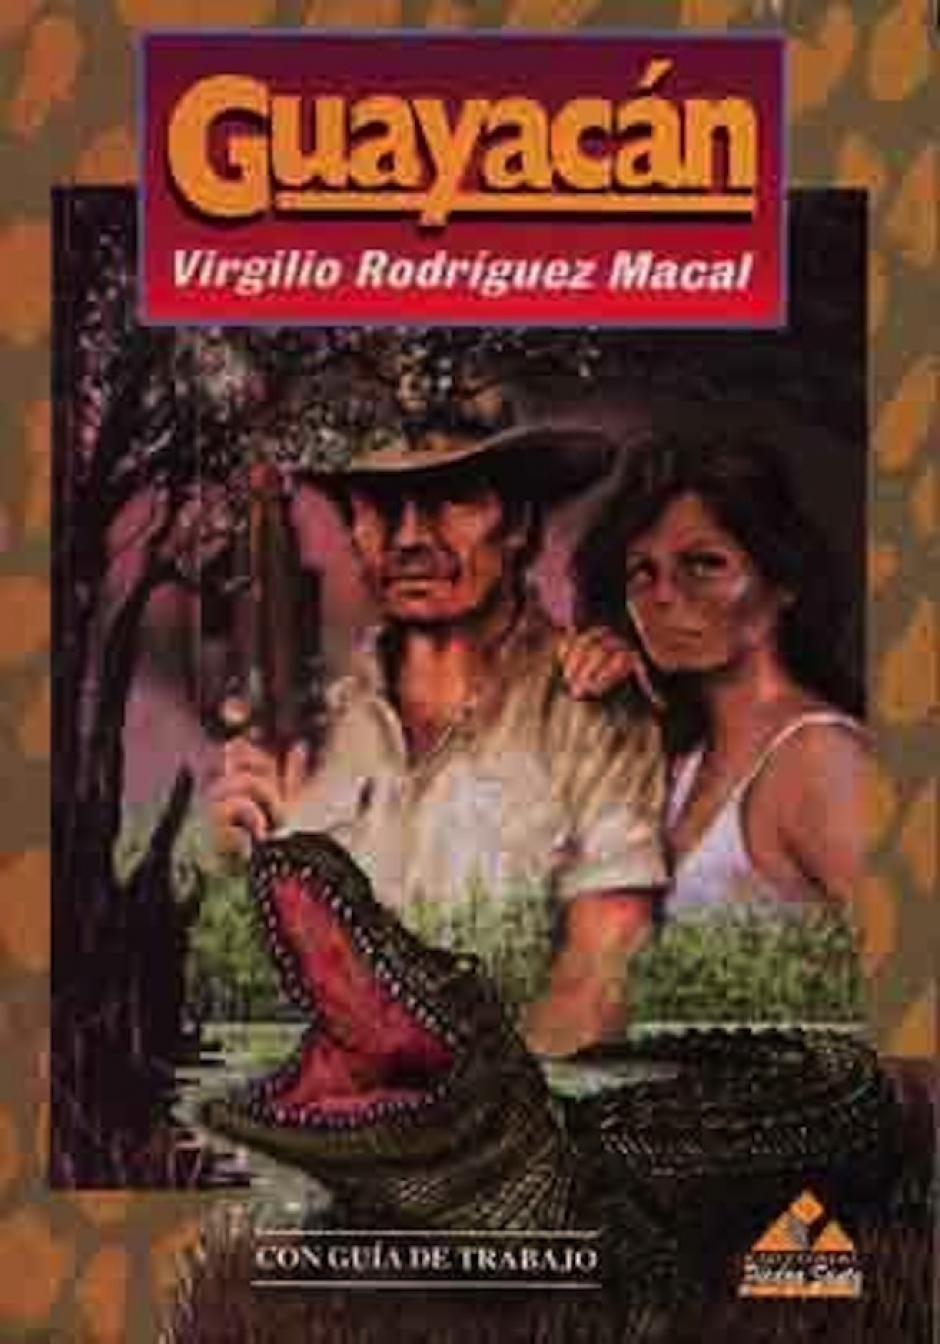 La temática de esta obra coincide con la vida del autor. (Foto: virgiliorodriguezmacal.com)